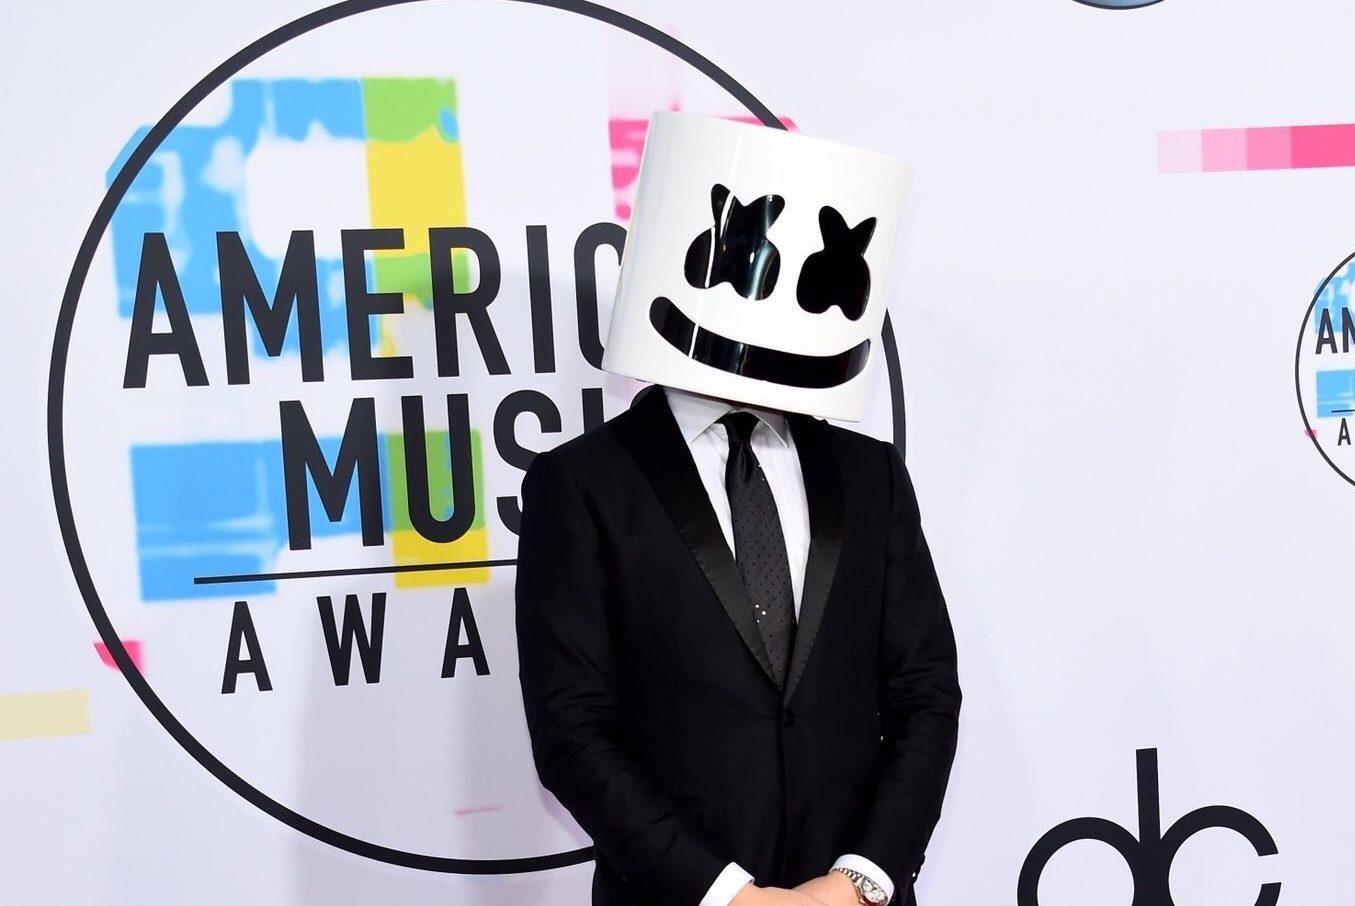 アメリカの3大音楽賞のひとつ「American Music Awards 2017」の受賞者/受賞作品が発表!!